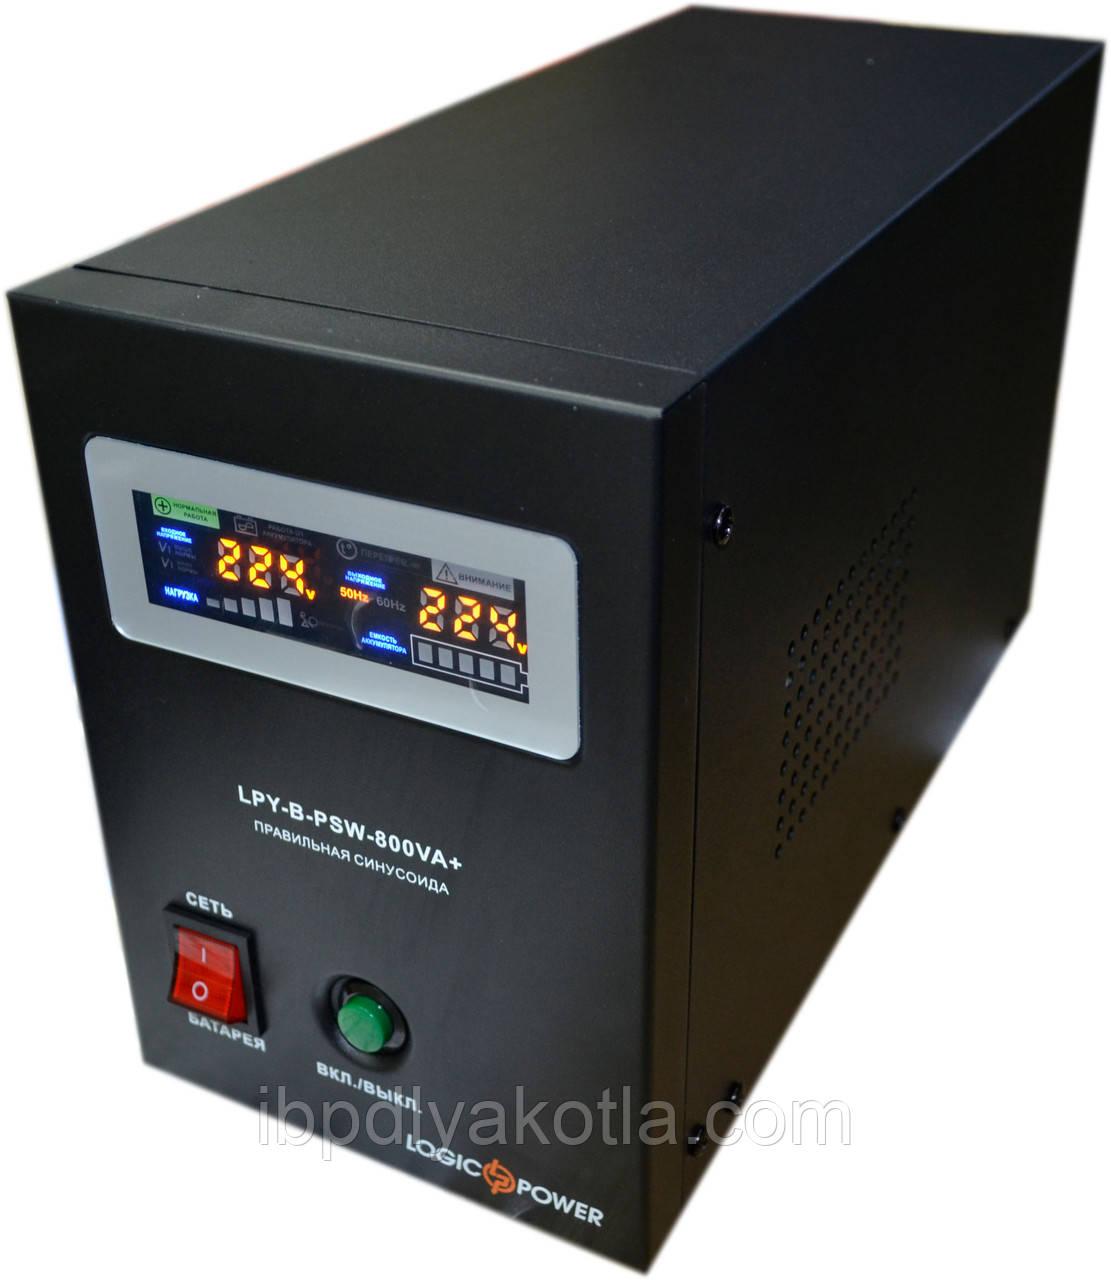 Logicpower LPY-B-PSW-800+